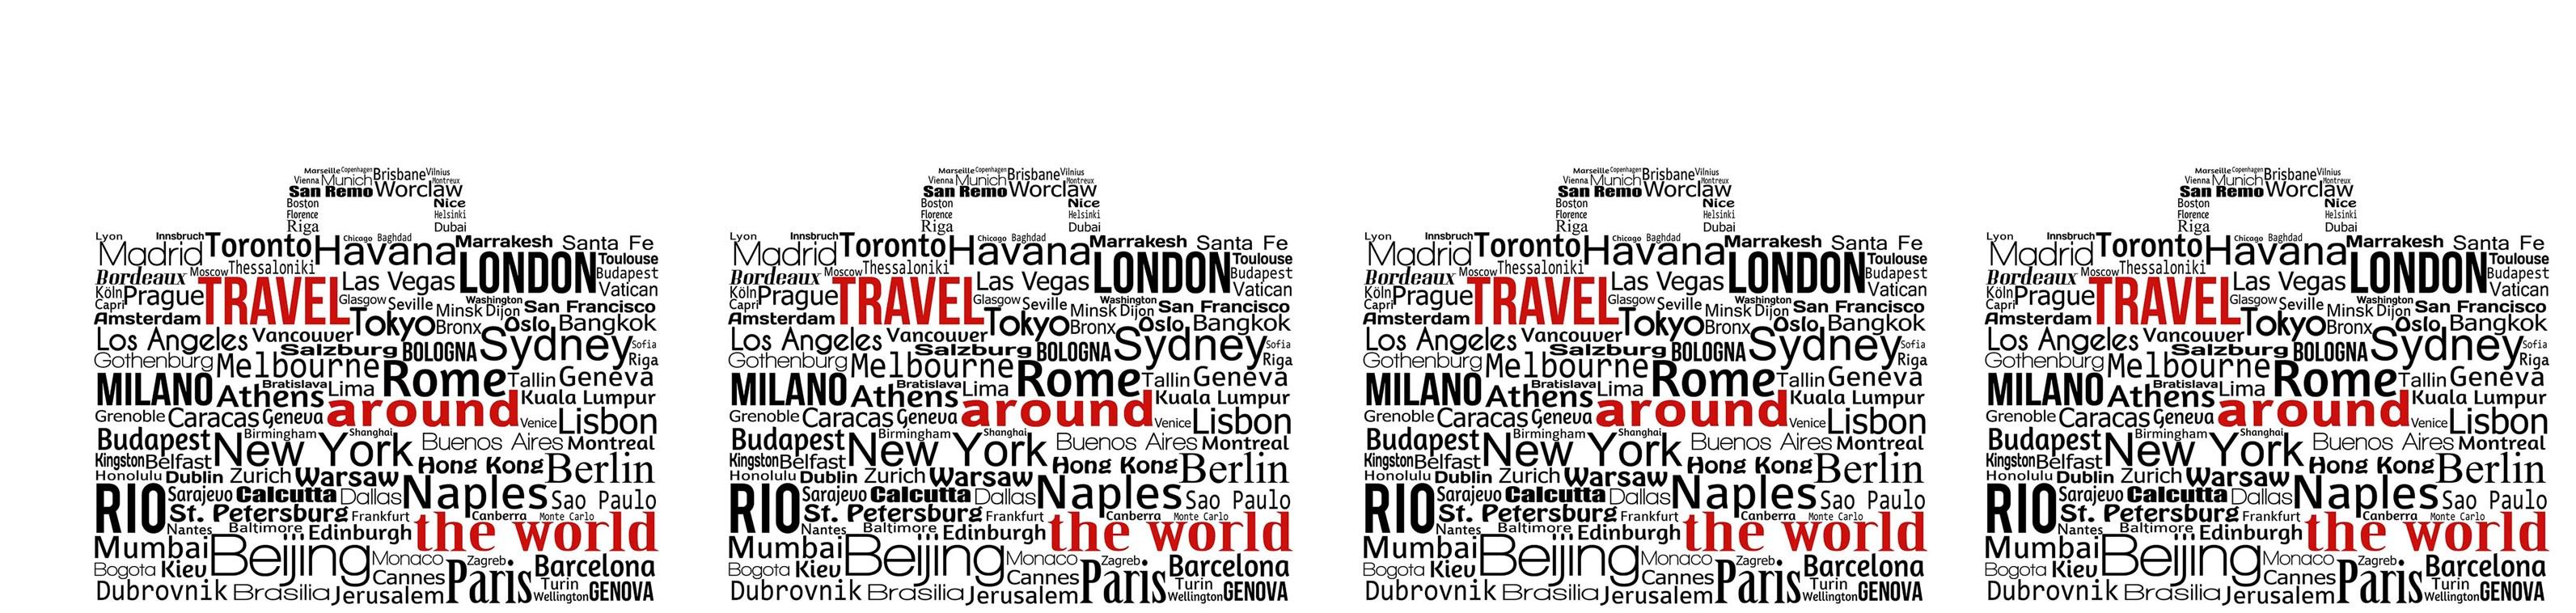 Vliegtijden Vanuit Brussel Naar Favoriete Vakantiebestemmingen